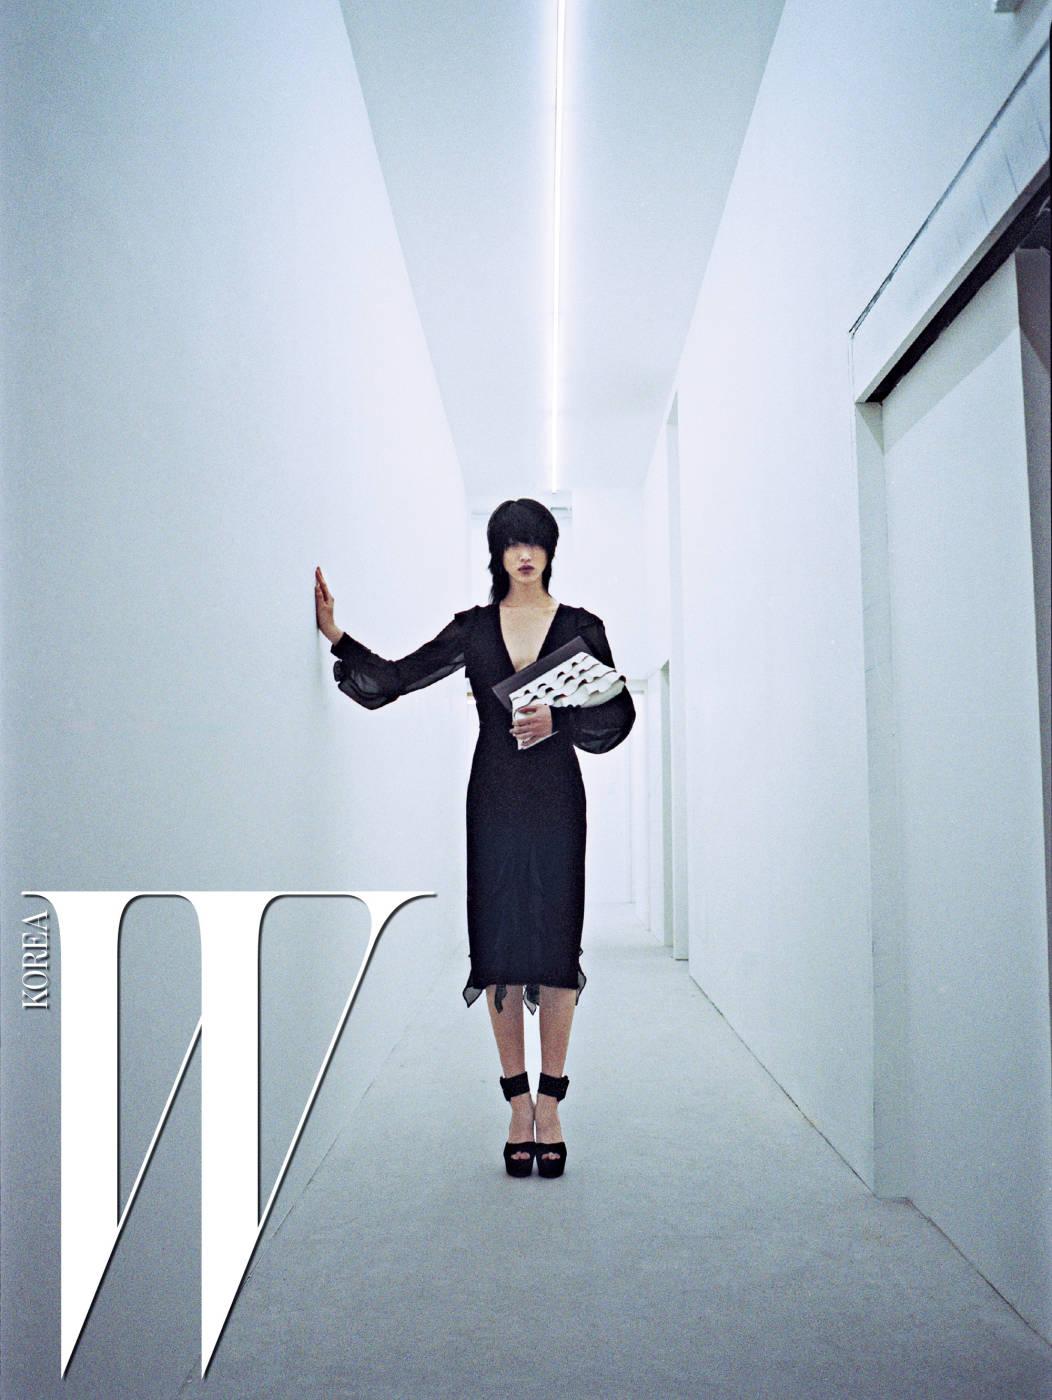 러플 장식의 관능적인 블랙 드레스와 구조적인 형태의 클러치, 대담한 스트랩 샌들은 모두 Michael Kors Collection 제품.